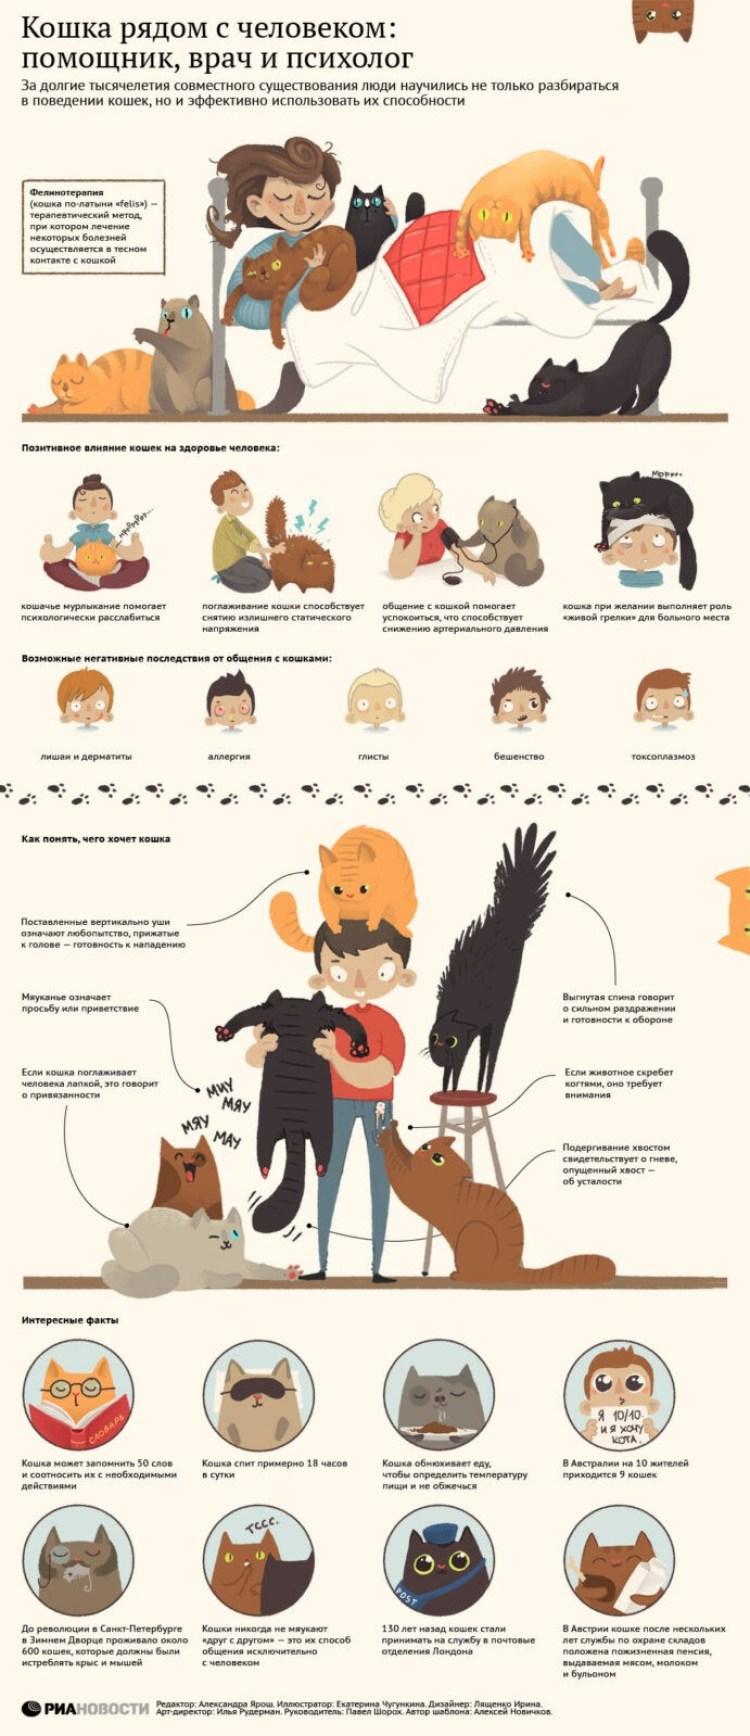 Кошка рядом с человеком. Любовь кошек людям